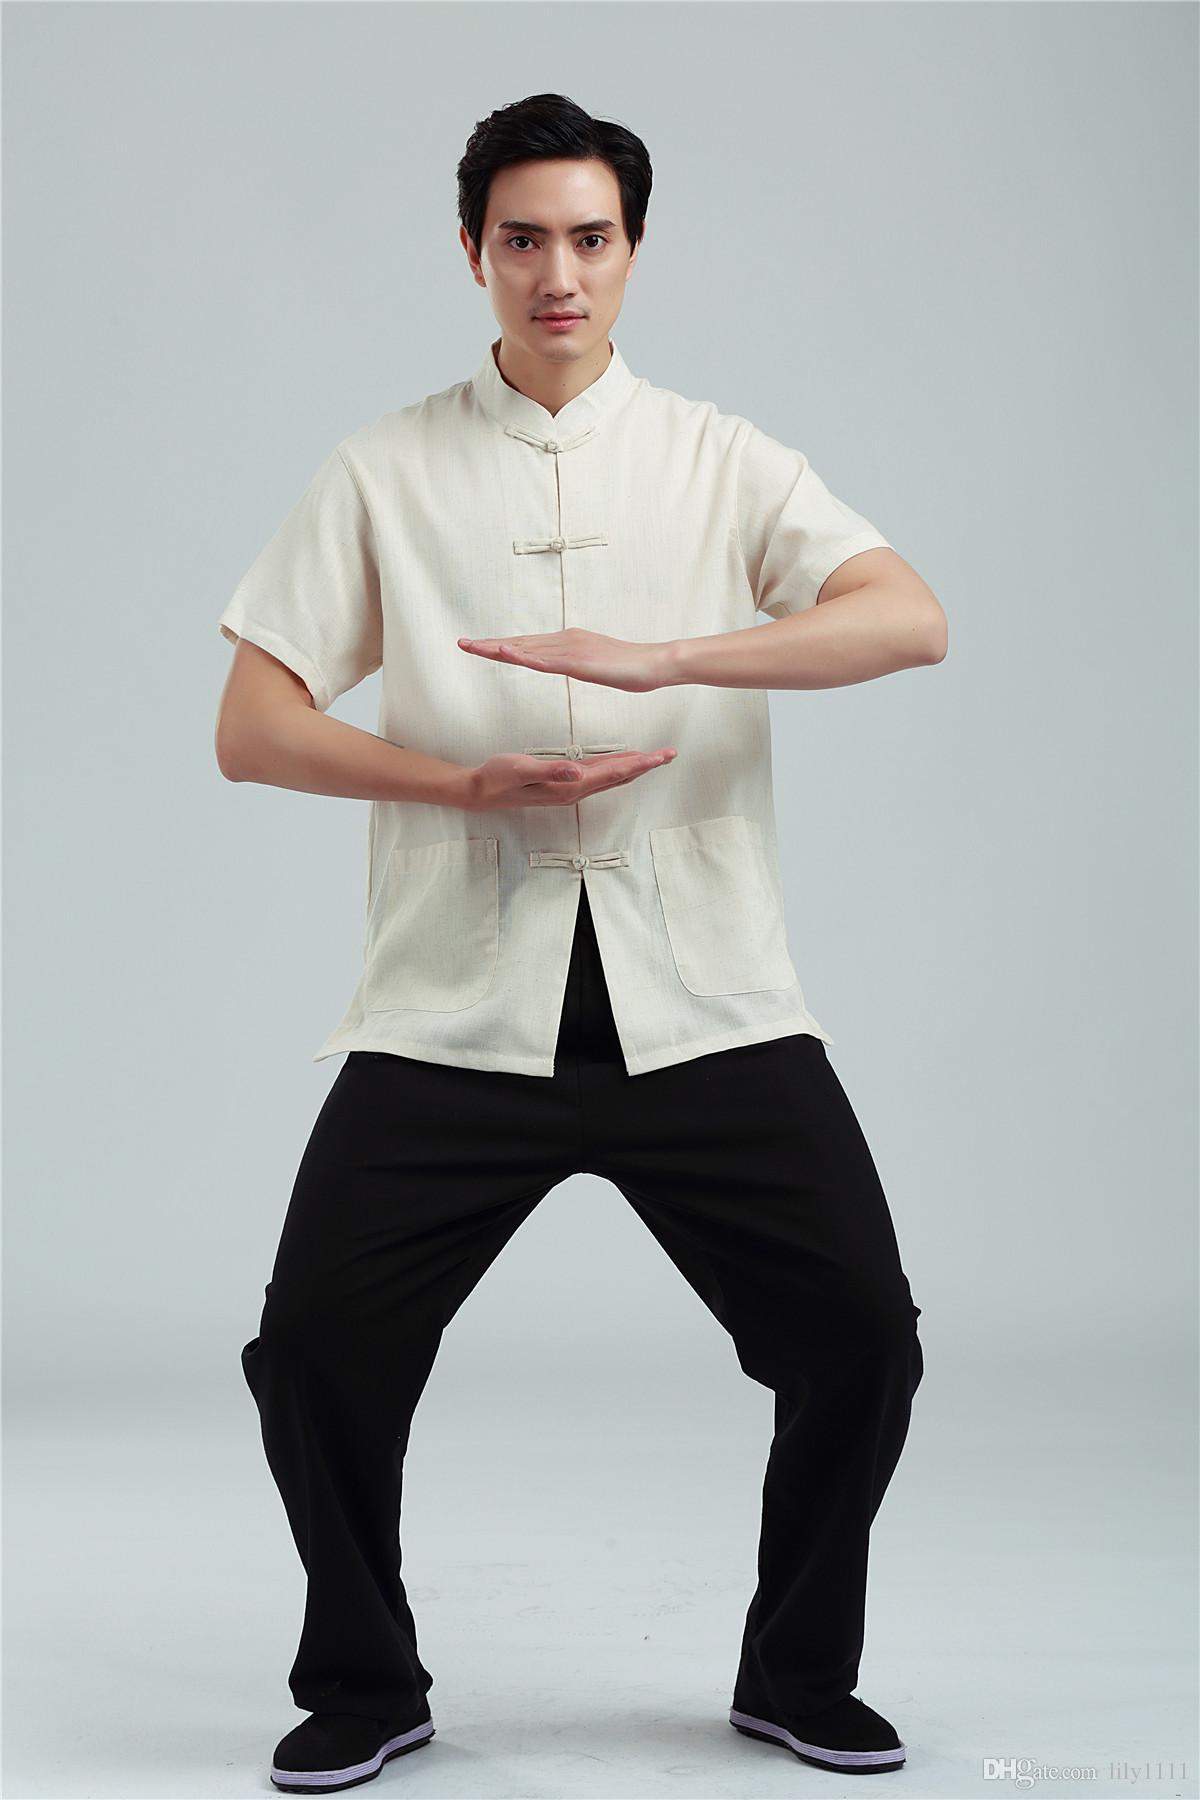 Шанхай история китайский Тан костюм рубашка комплект одежды белье топ + брюки летние мужские национальный костюм кунг-фу униформа